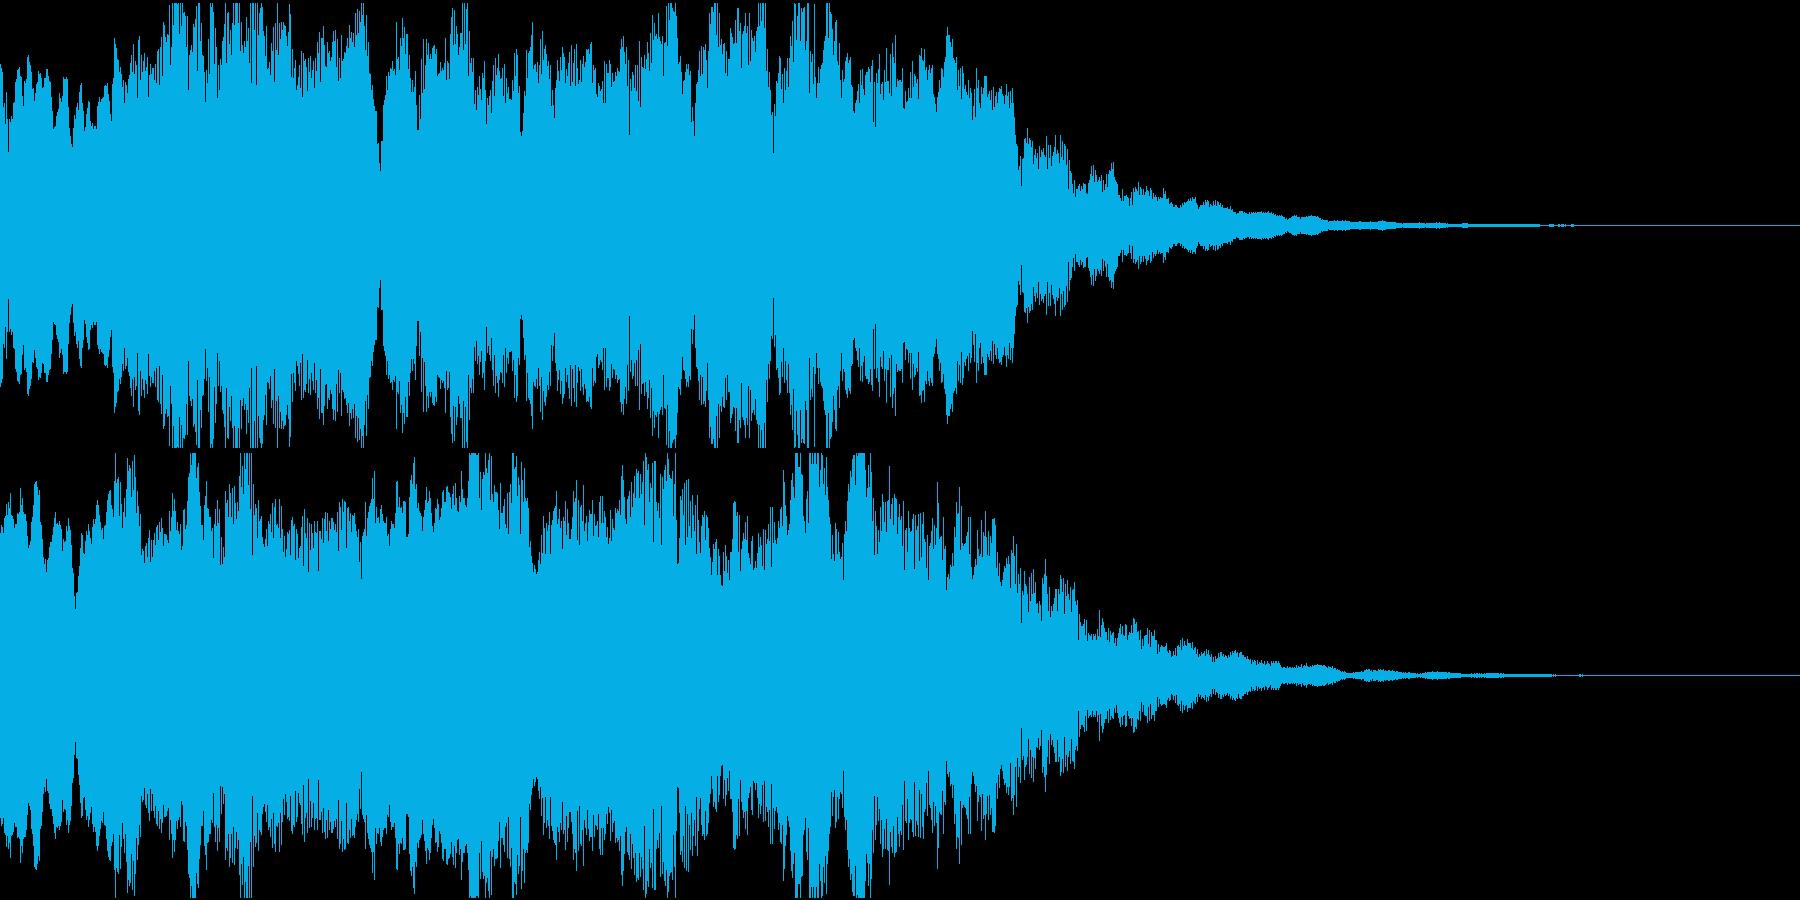 和風サウンドロゴ・ジングル/琴/笛の再生済みの波形